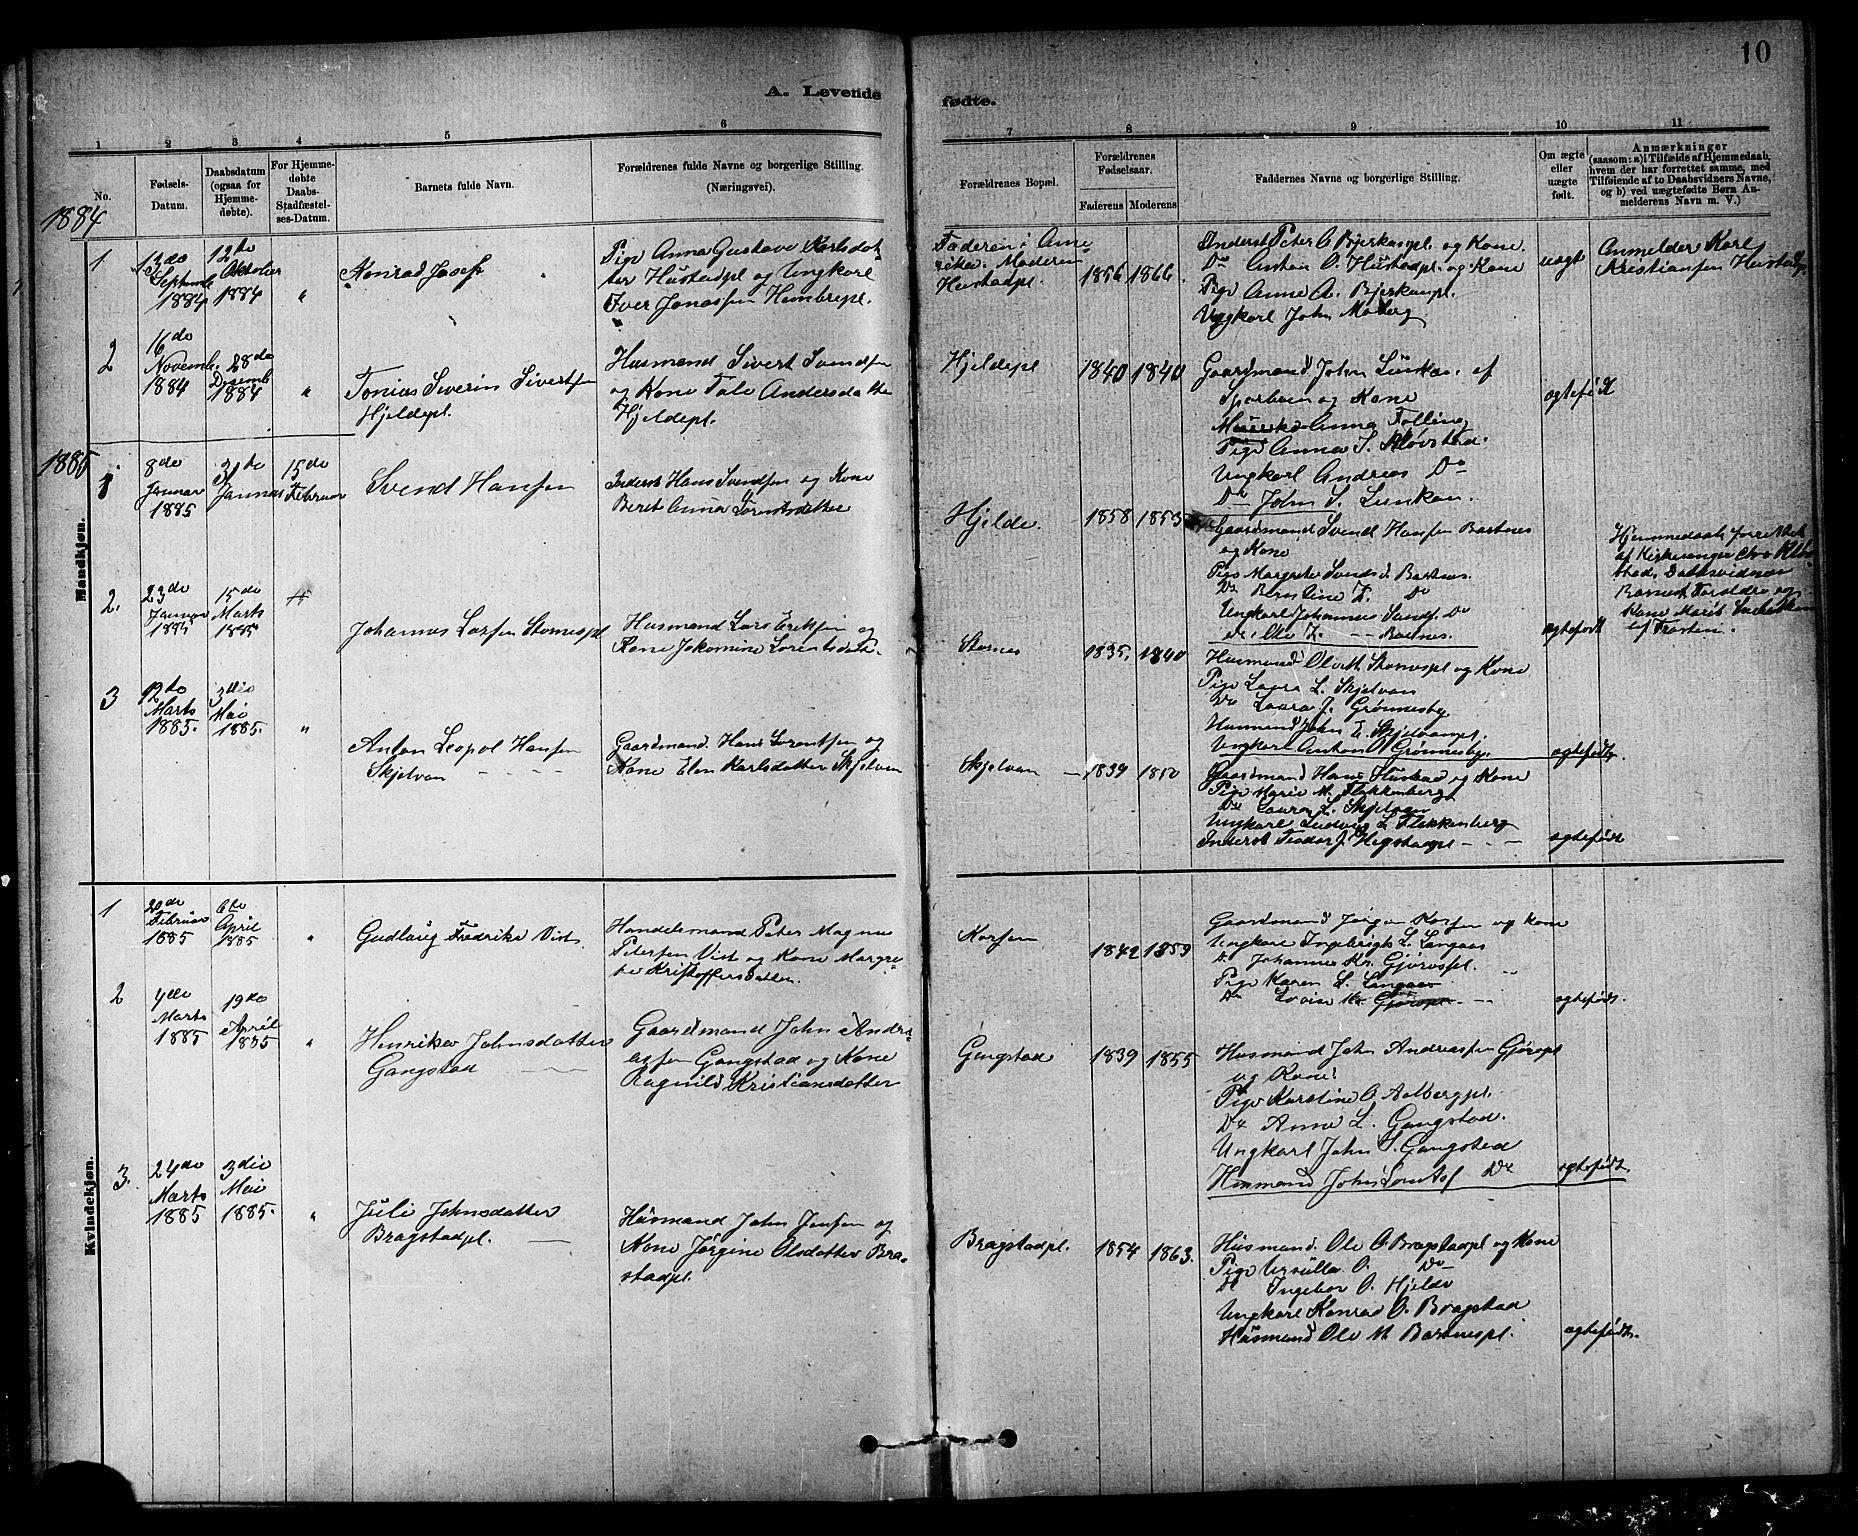 SAT, Ministerialprotokoller, klokkerbøker og fødselsregistre - Nord-Trøndelag, 732/L0318: Klokkerbok nr. 732C02, 1881-1911, s. 10